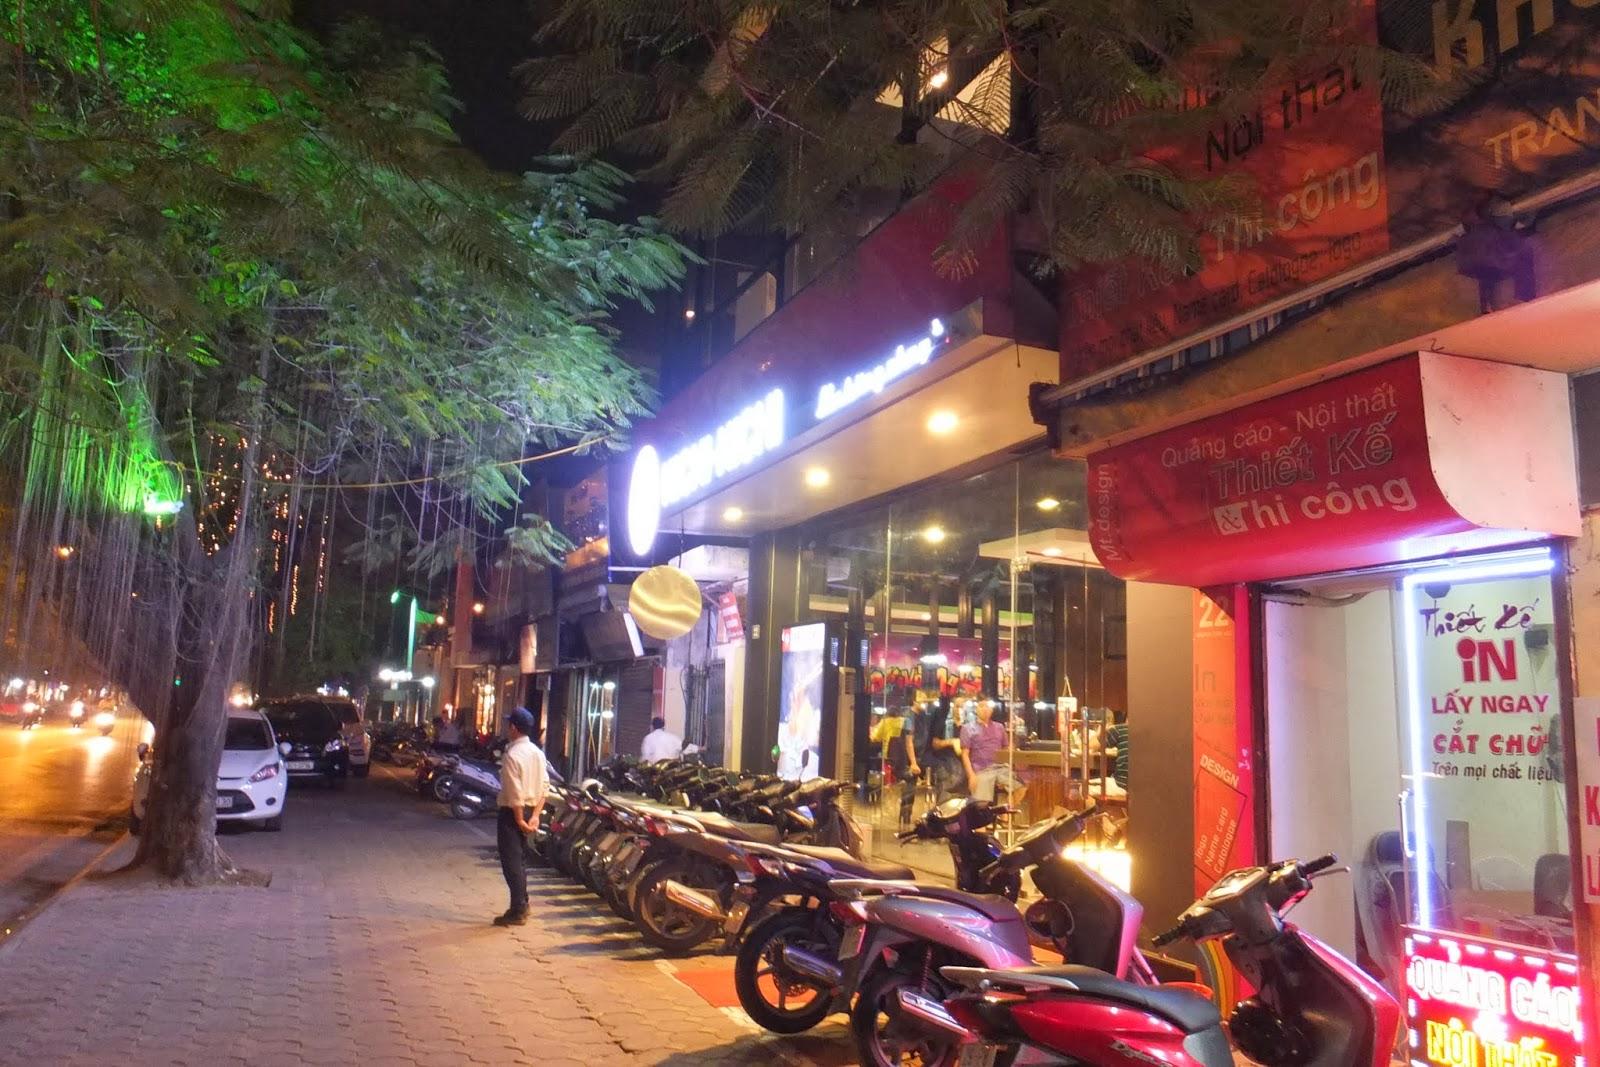 KICHI-KICHI-Vietnam